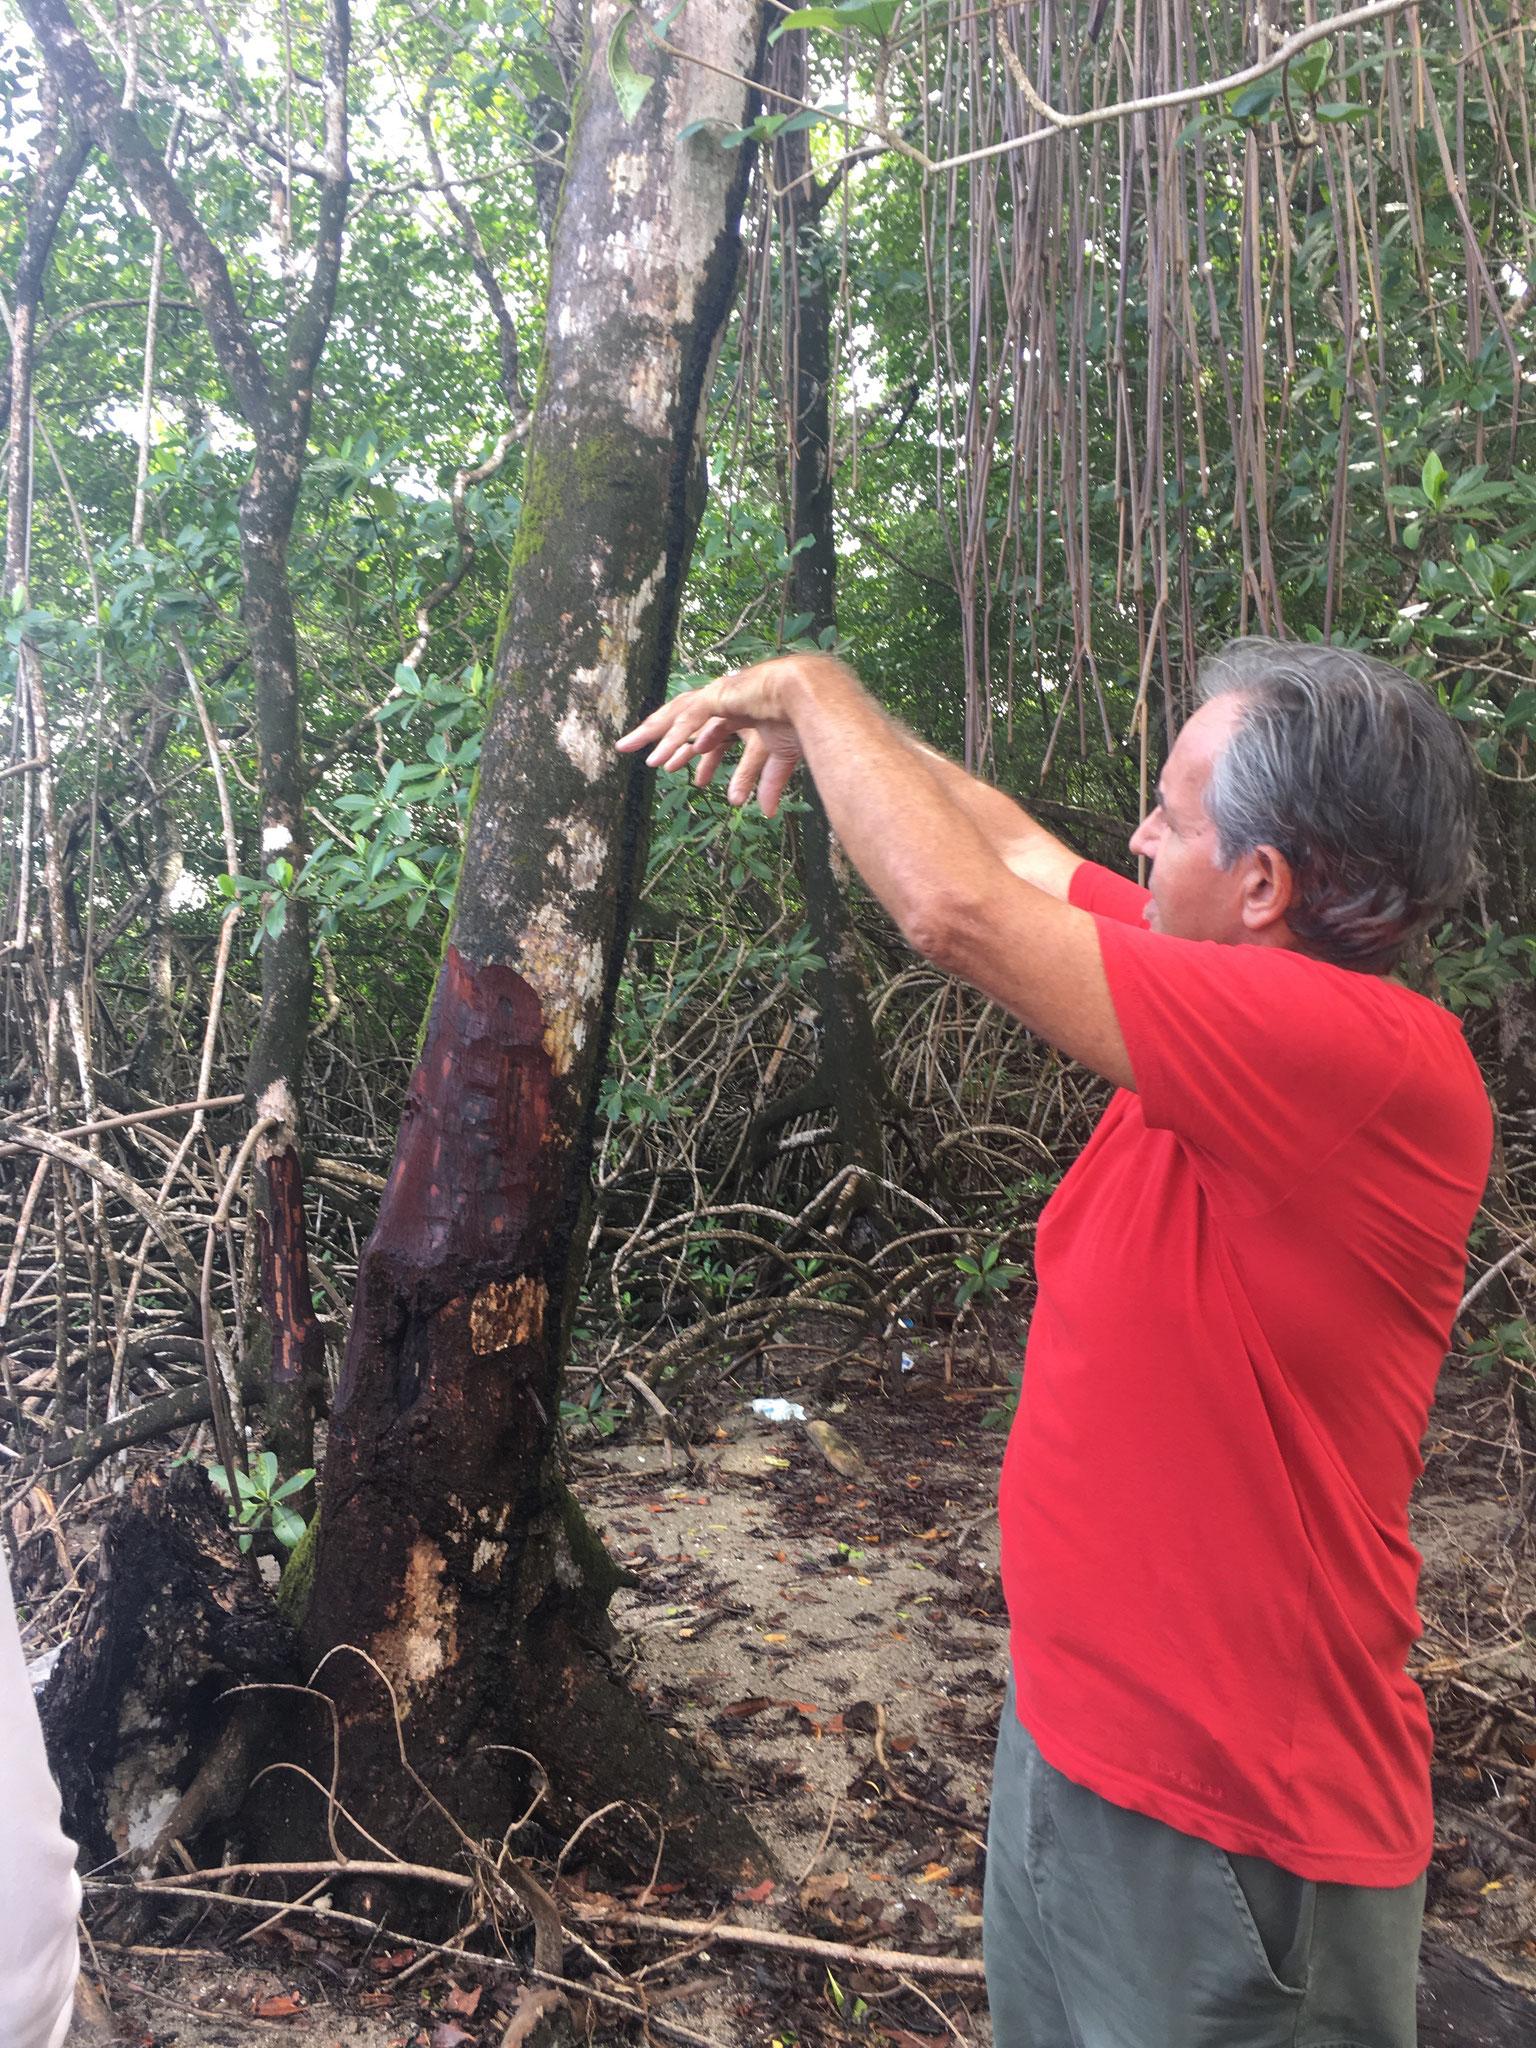 Erklärungen zu den Bäumen und dem Gehölze der  Mangroven-Lagune